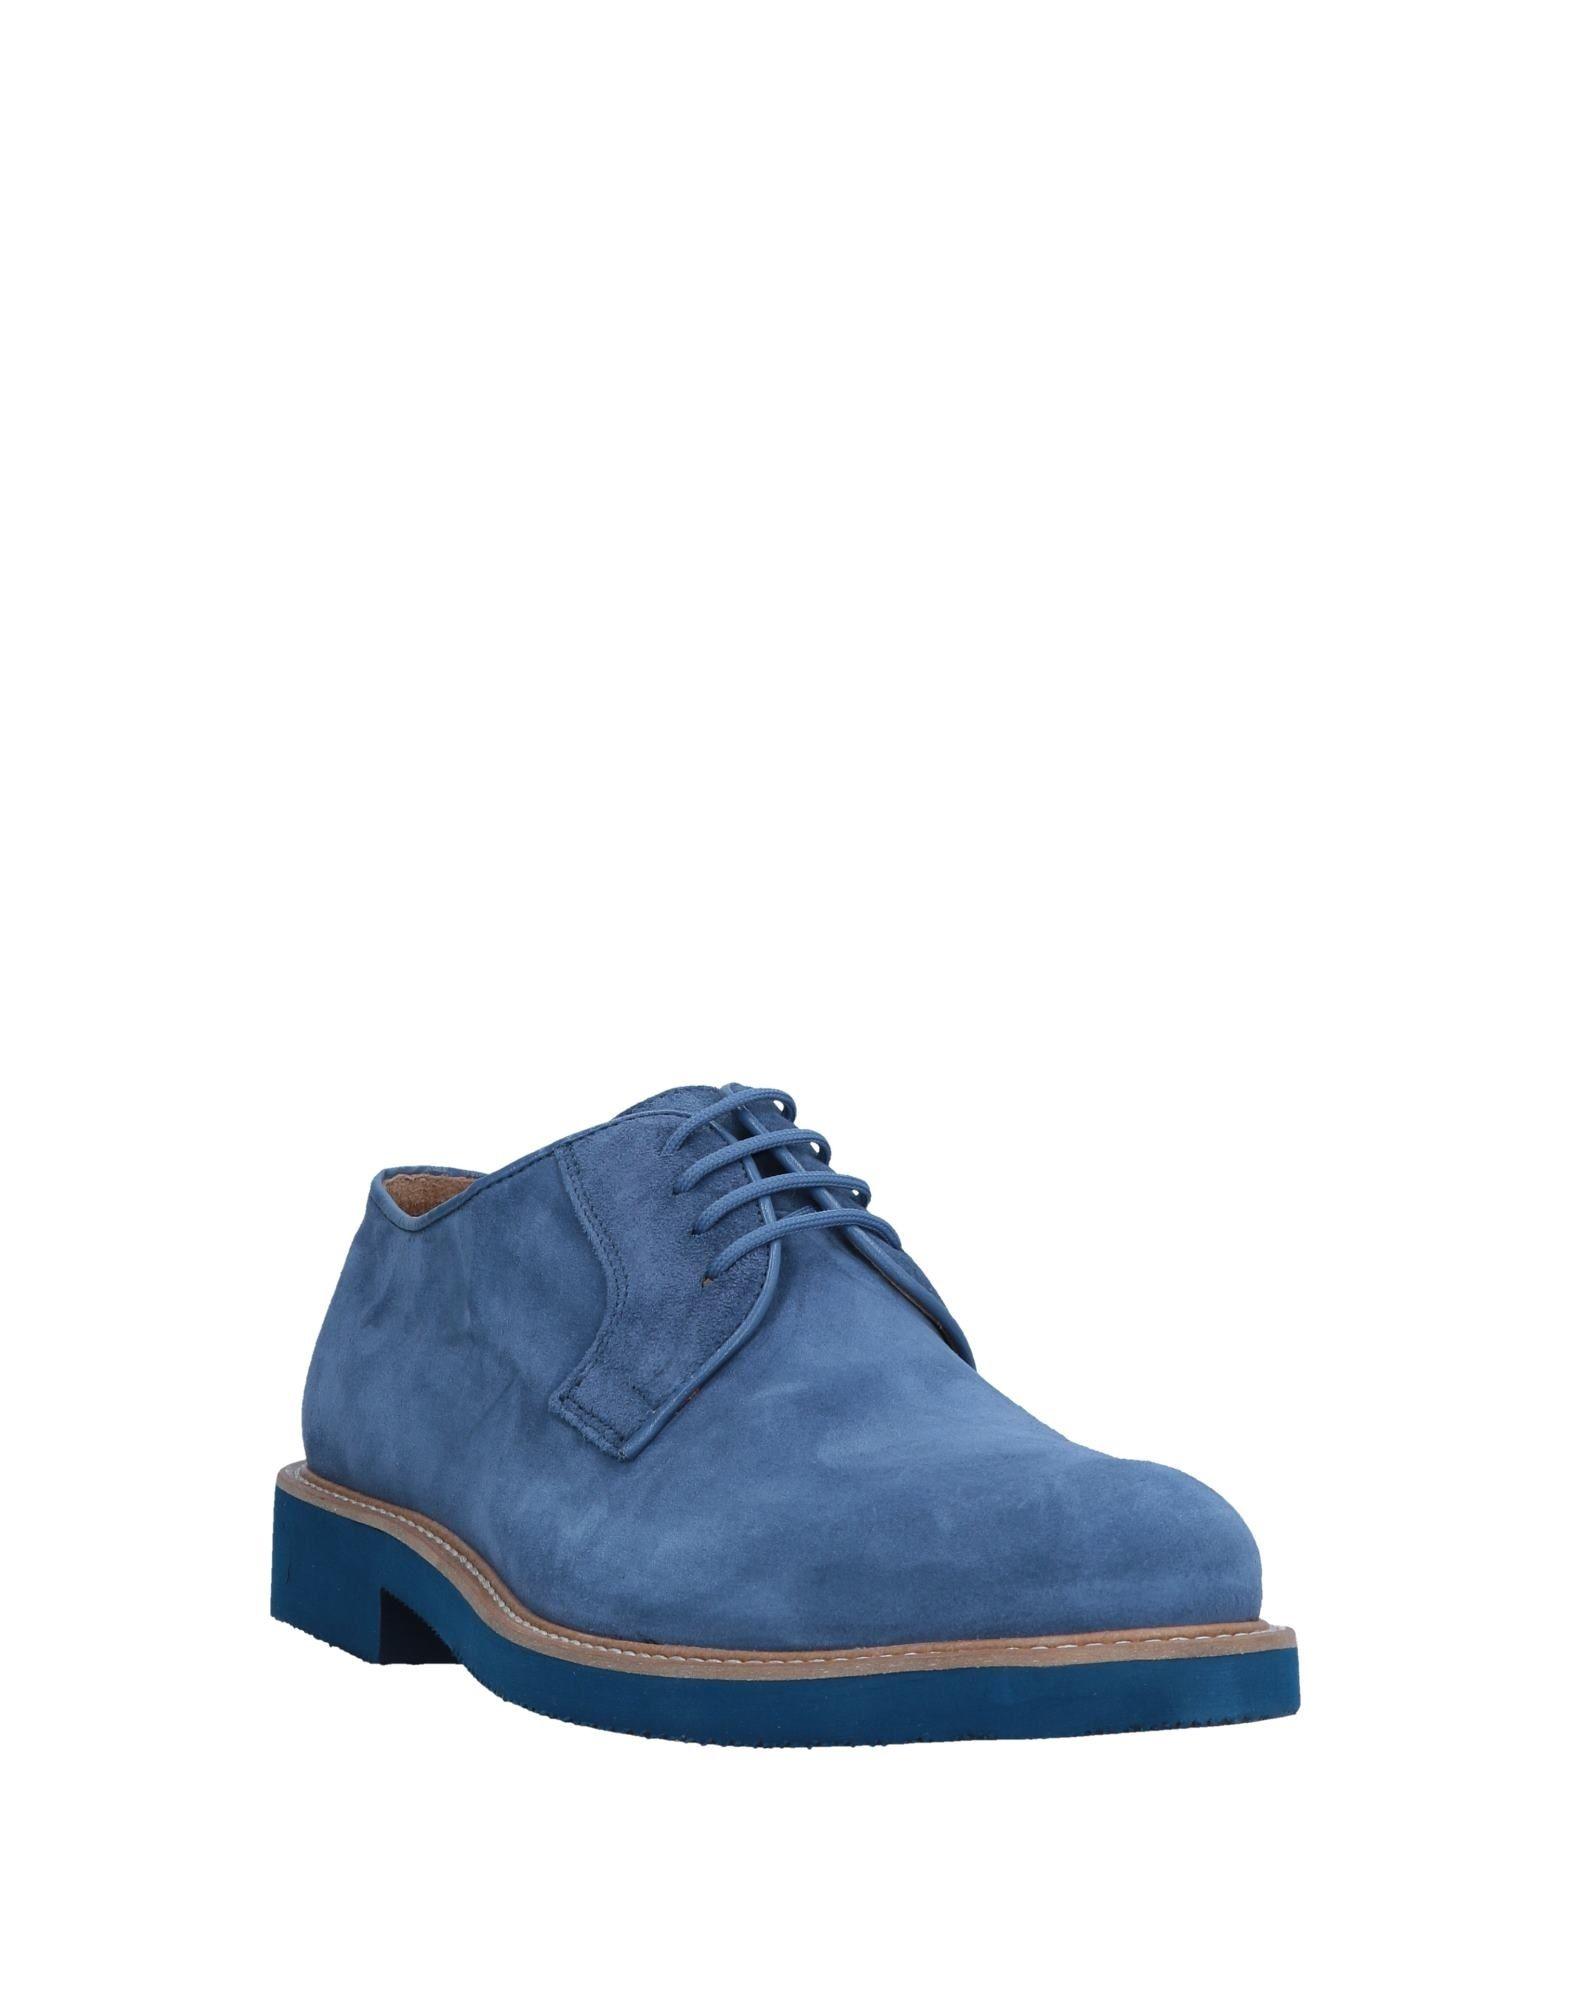 Rabatt Exton echte Schuhe Exton Rabatt Schnürschuhe Herren  11545820WK 88dc0b